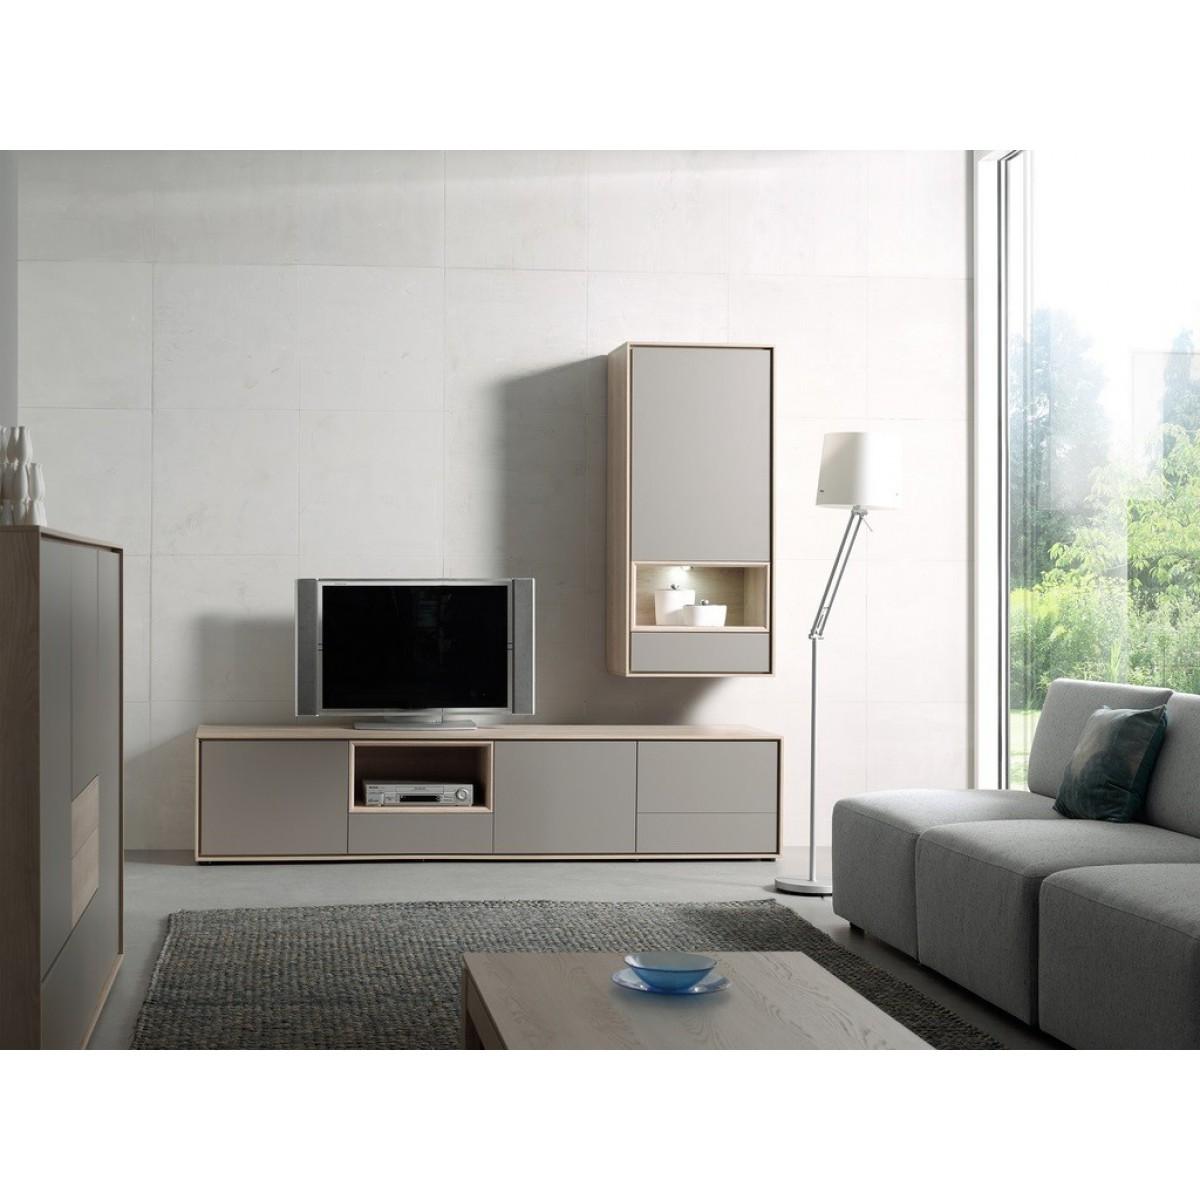 kyara-tv-dressoir-sideboard-wandmeubel-c0056a-basalt